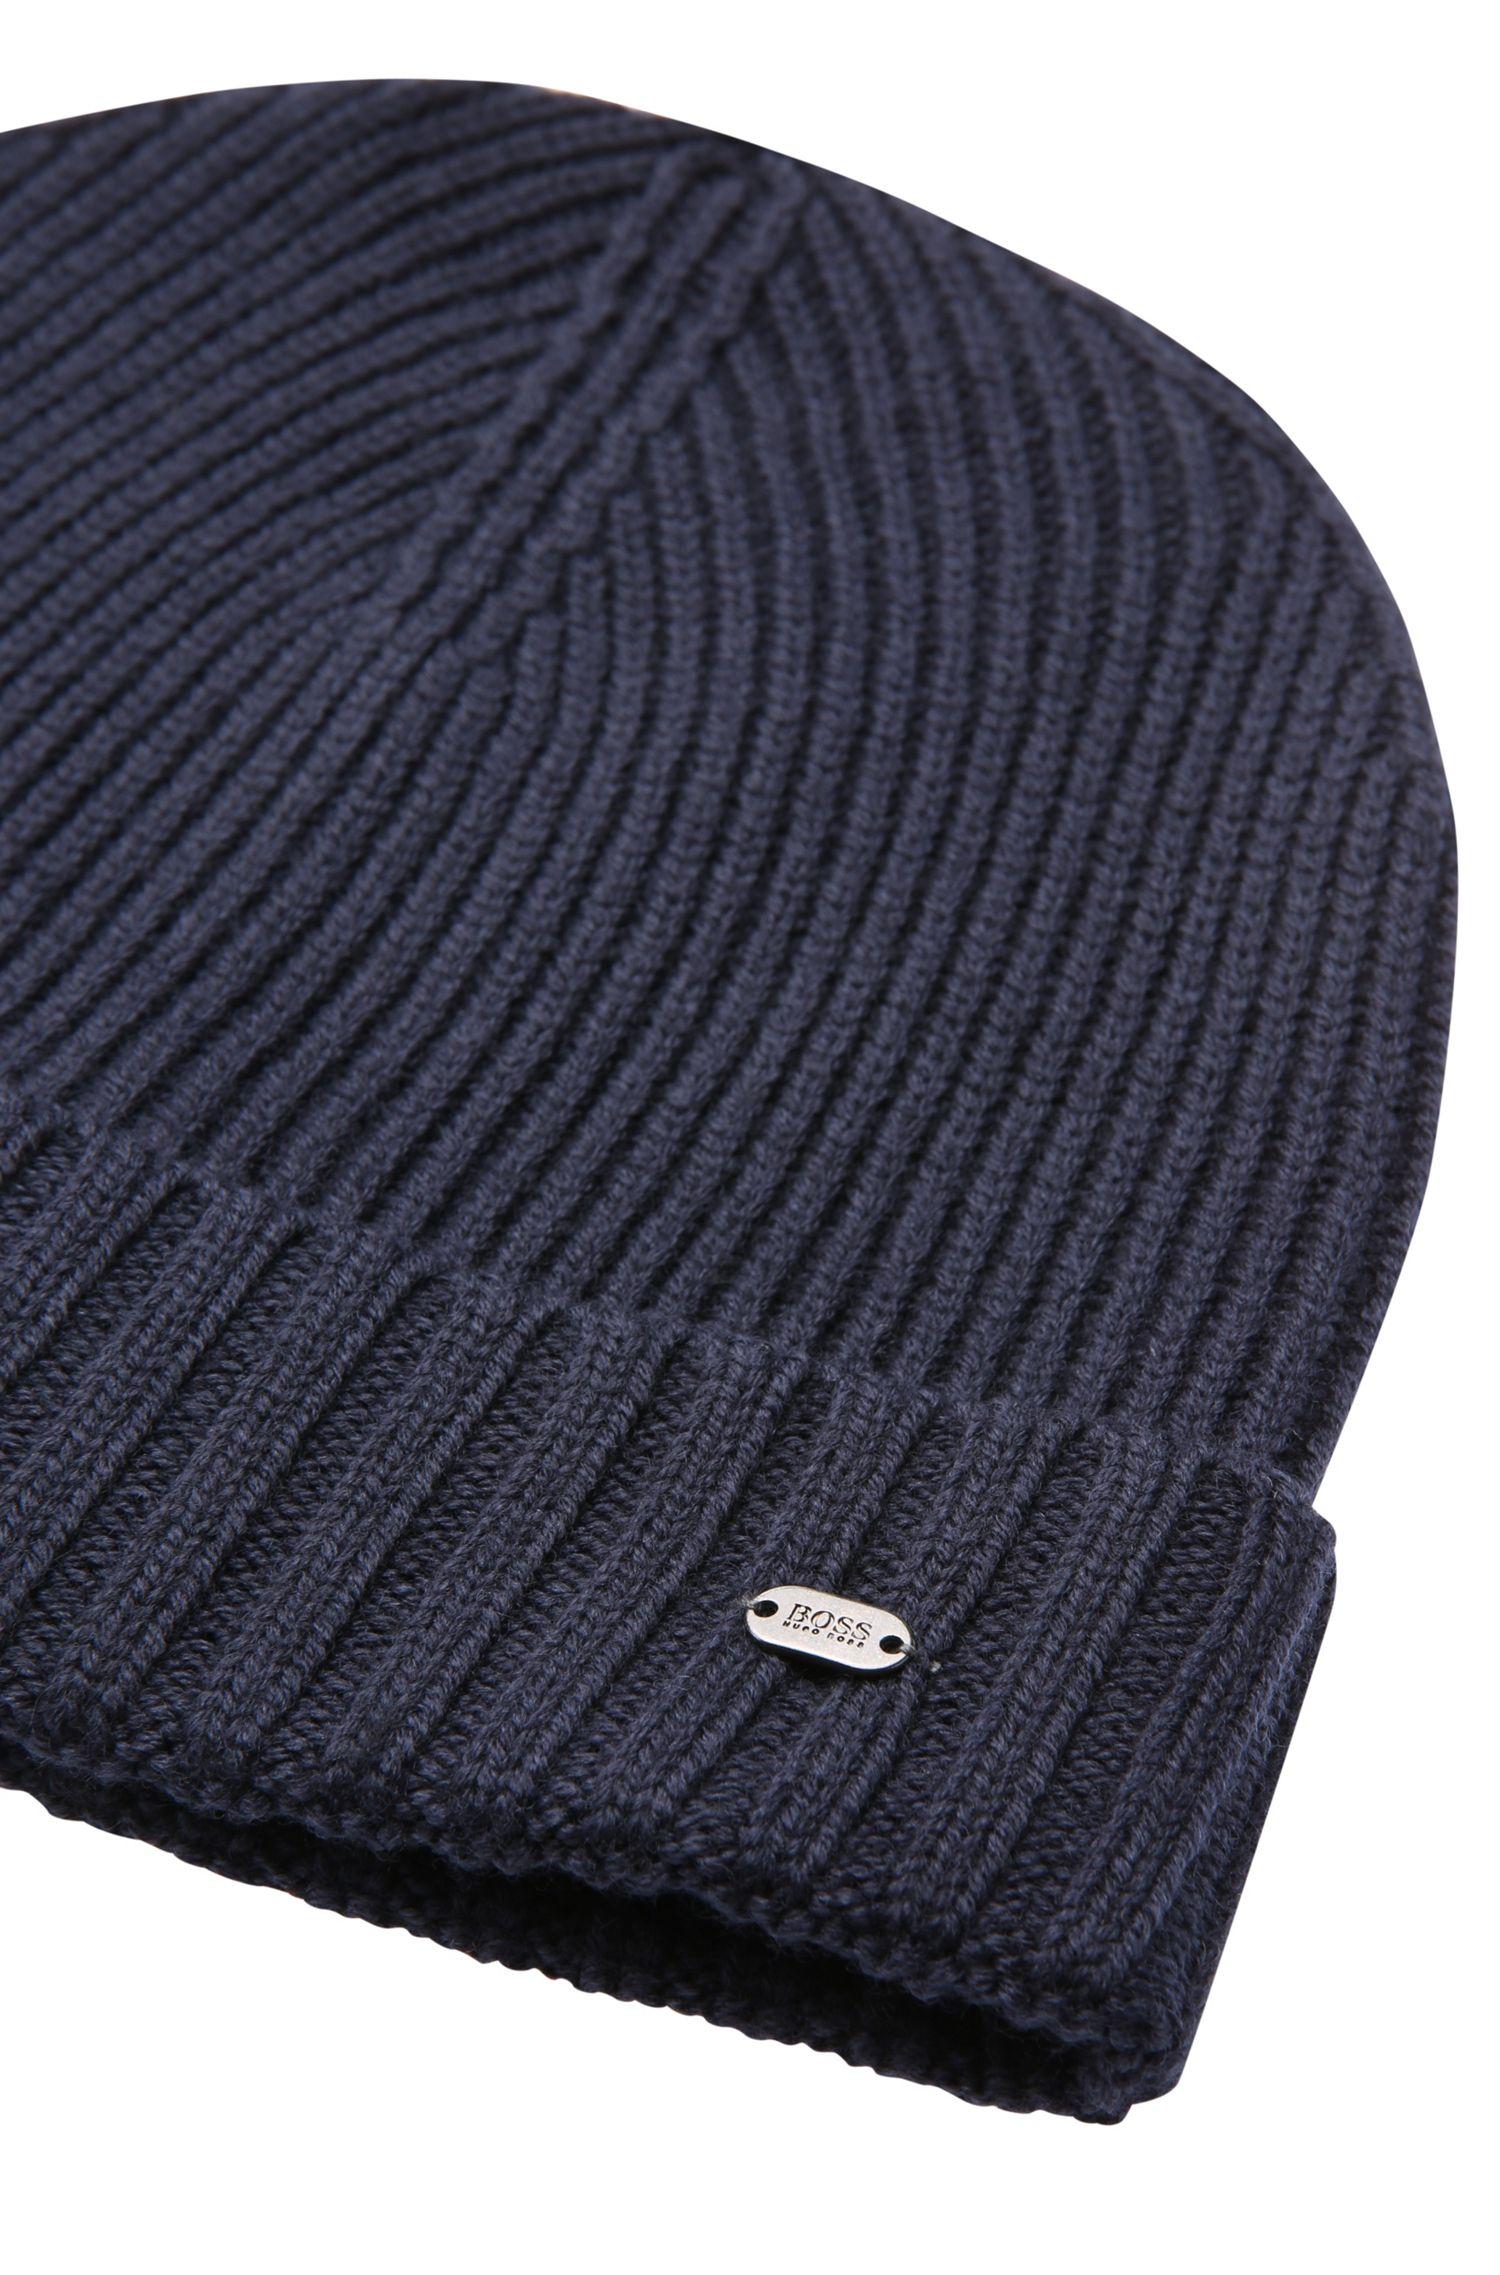 Mütze aus Schurwolle